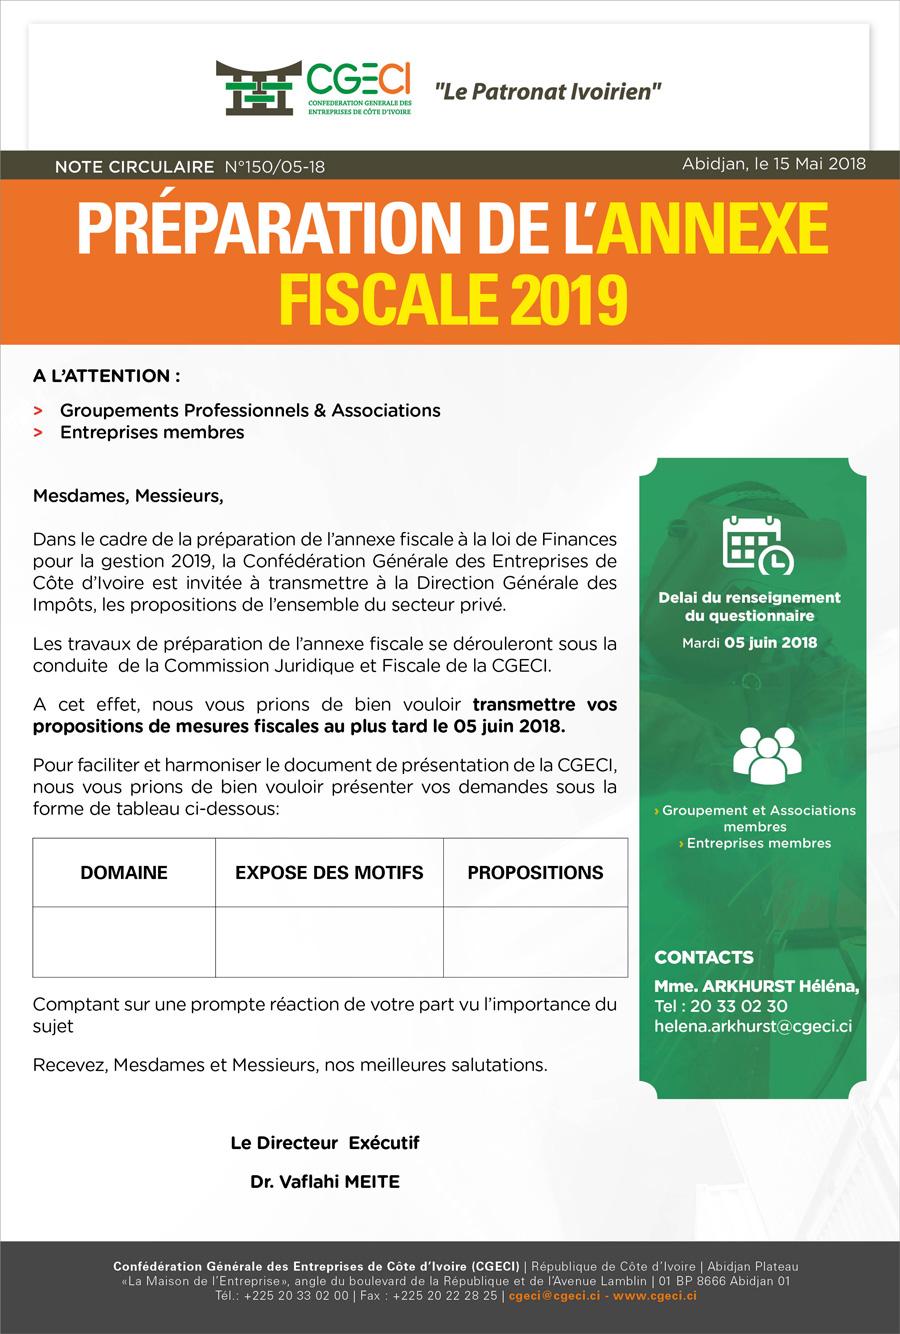 Préparation-annexe-fiscale-2019